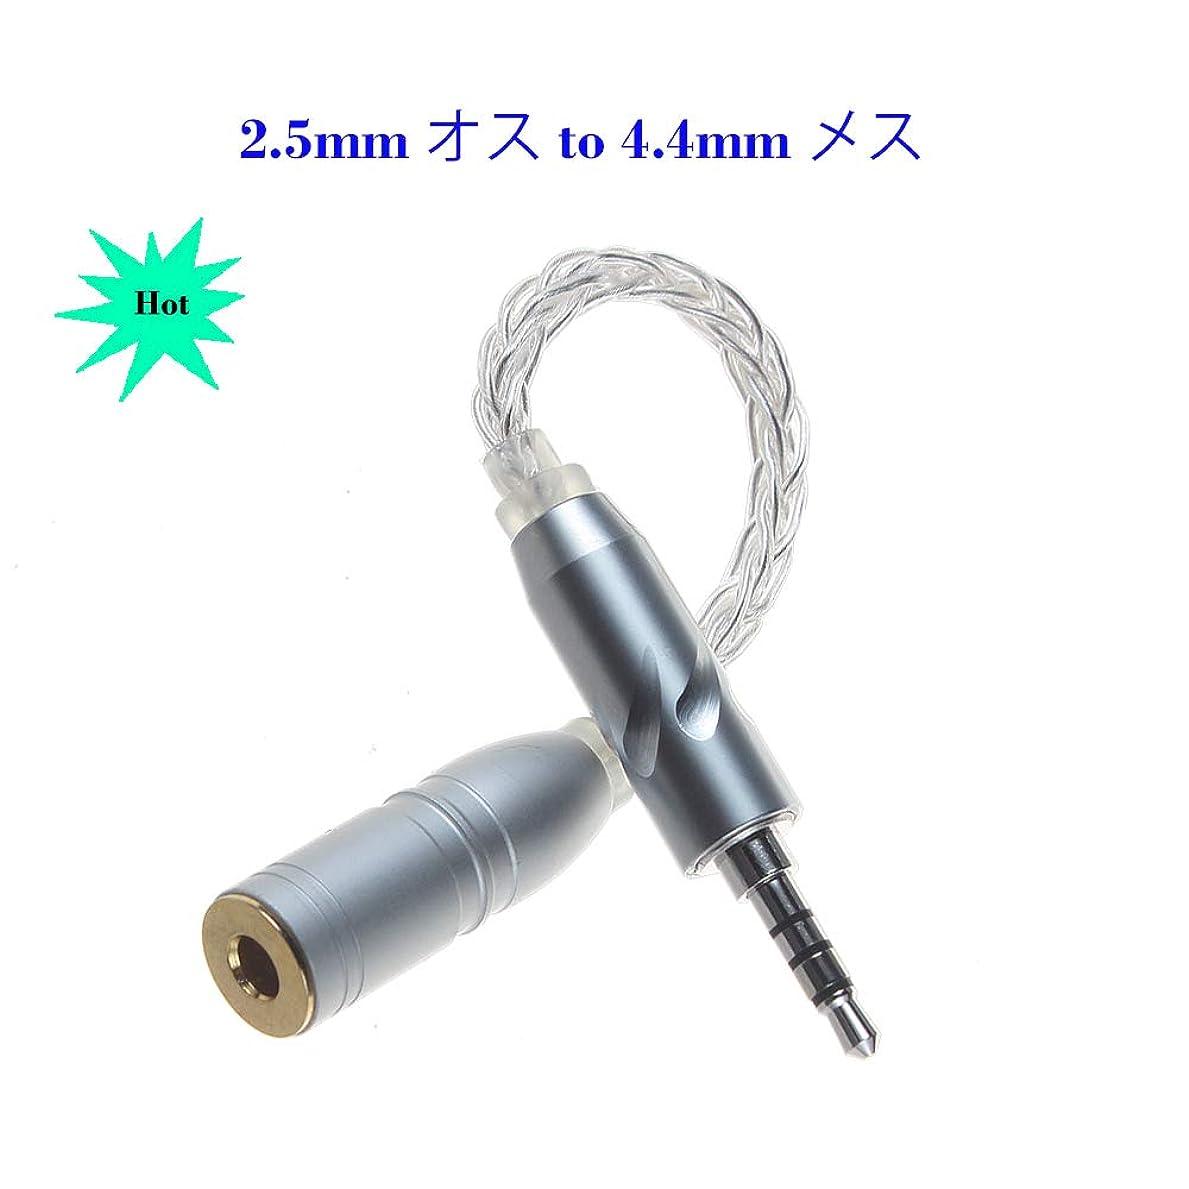 4.4mm 2.5mm 変換 バランス 4.4mm(メス)-> Furthur メッキ铑の挿し針の2.5mmバランスプラグ(オス)8線152芯純銀線 2.5mm バランス接続ケーブル for Astell&Kern AK100II,AK120II,AK240,AK380,AK320,DP-X1A,KANN 12ヶ月品質保証